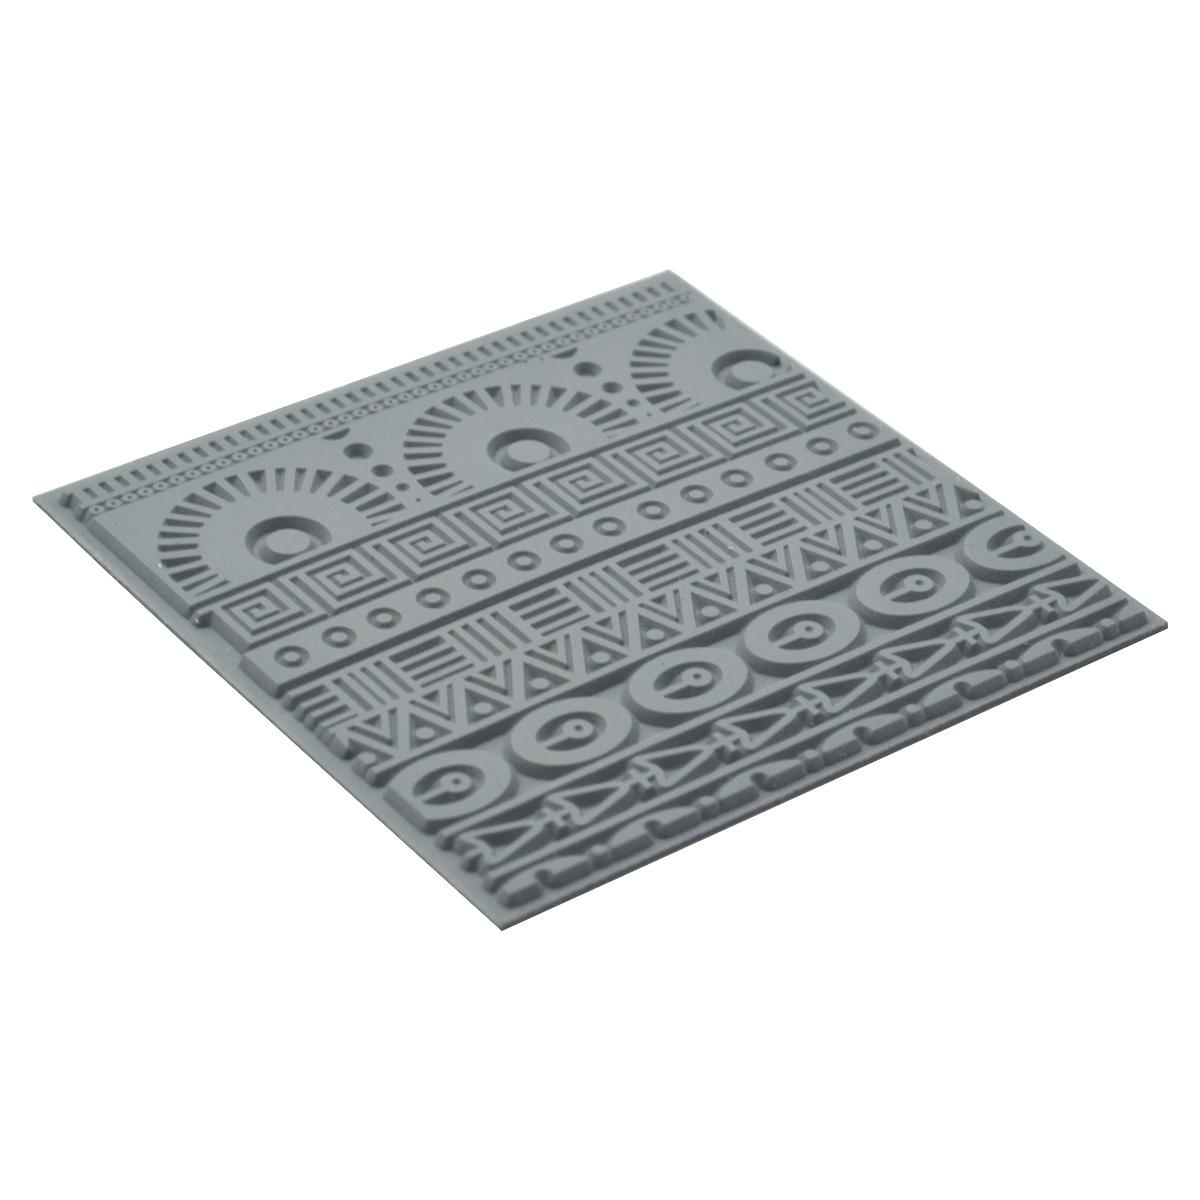 CE95019 Текстура для пластики резиновая 'Геометрия', 9х9 см